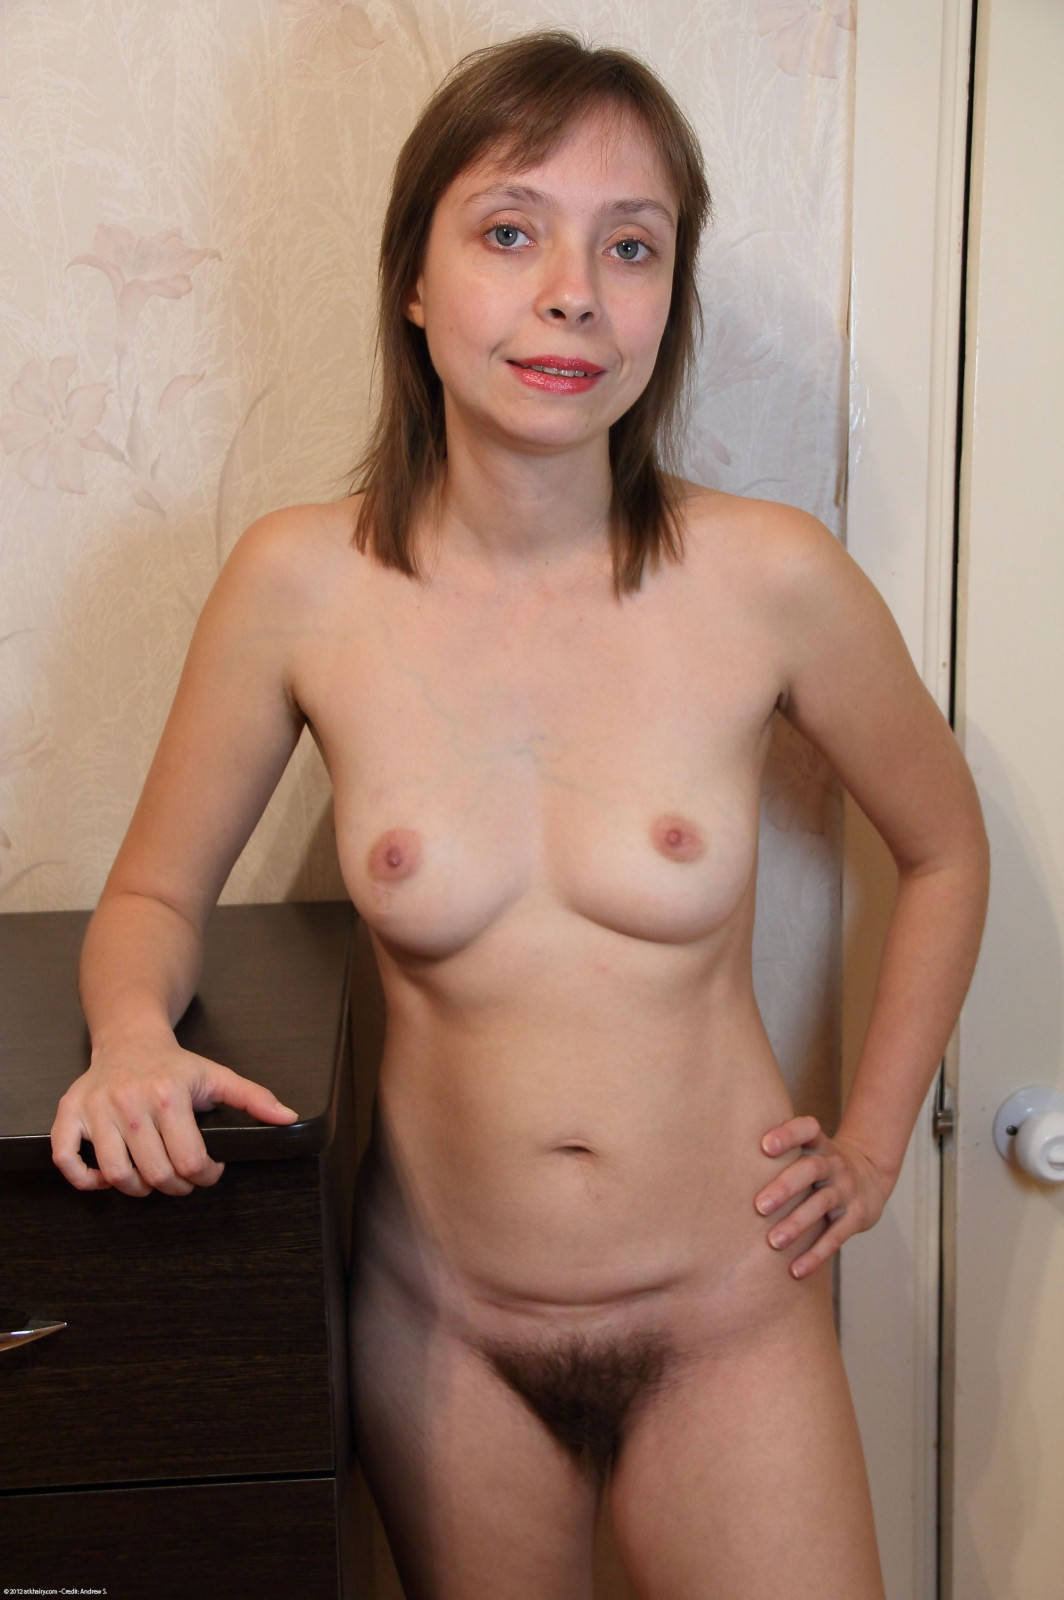 sabrina hairy mature women